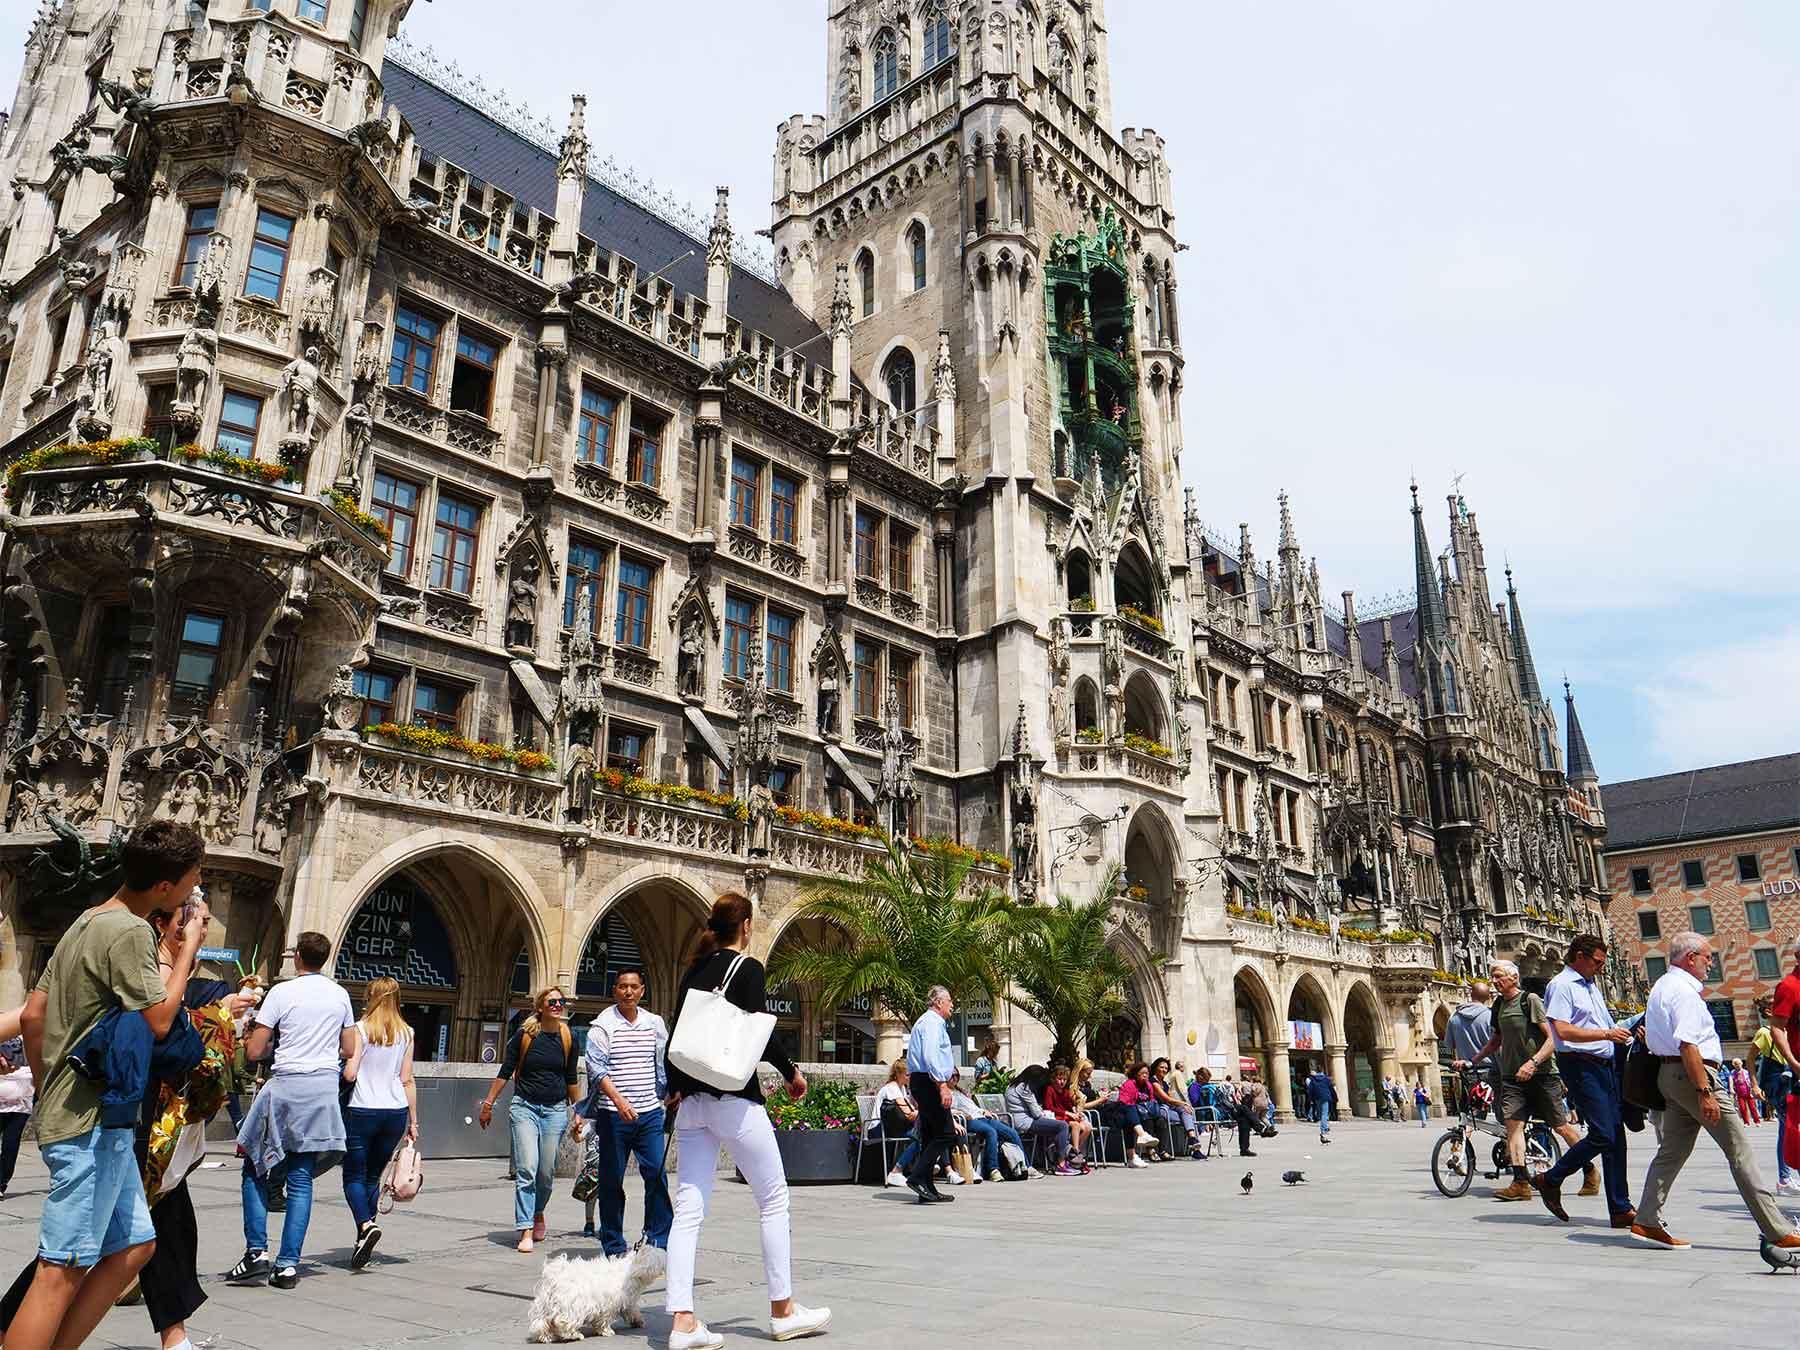 Marienplatz Munich Germany | Steven Andrew Munich | Surfing Munich | Bavaria